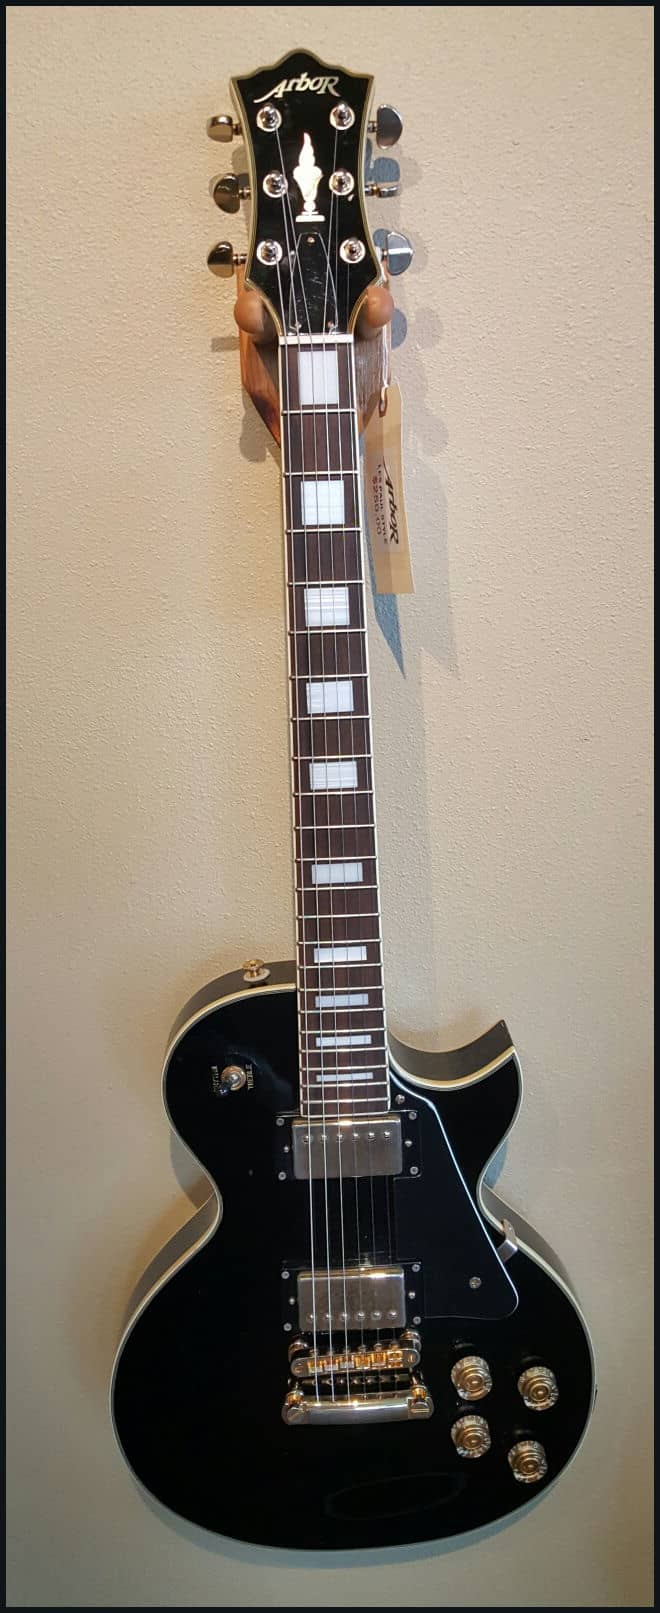 Arbor Ap230 Les Paul Style Lp Electric Guitar Reverb